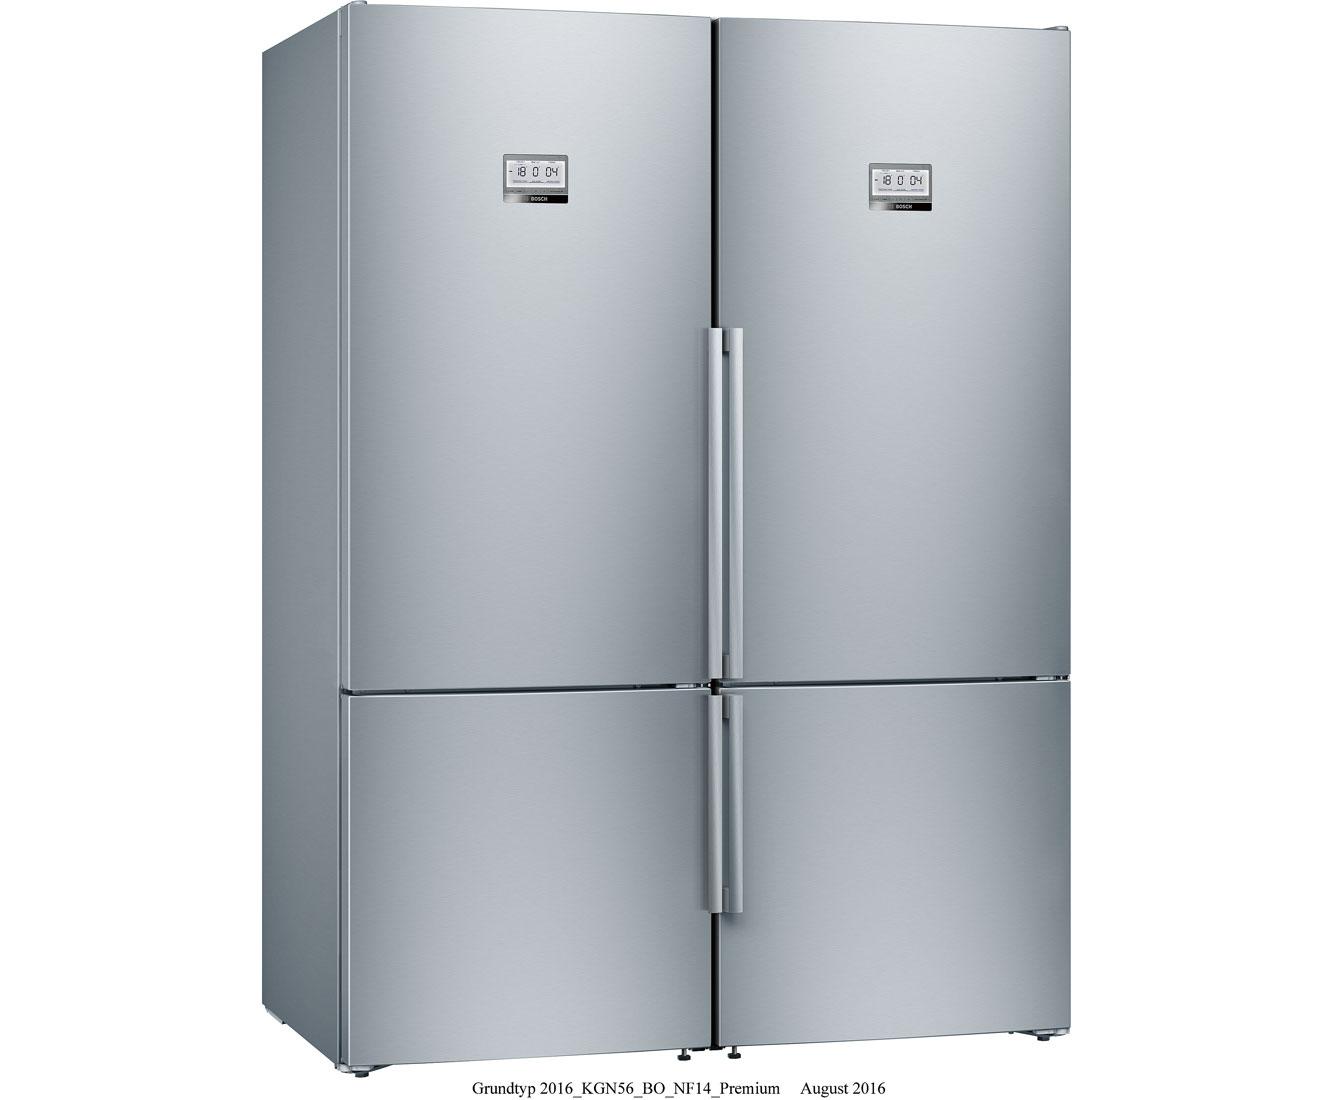 Amerikanischer Kühlschrank Tiefe 60 Cm : Side by side kühlschrank preisvergleich u die besten angebote